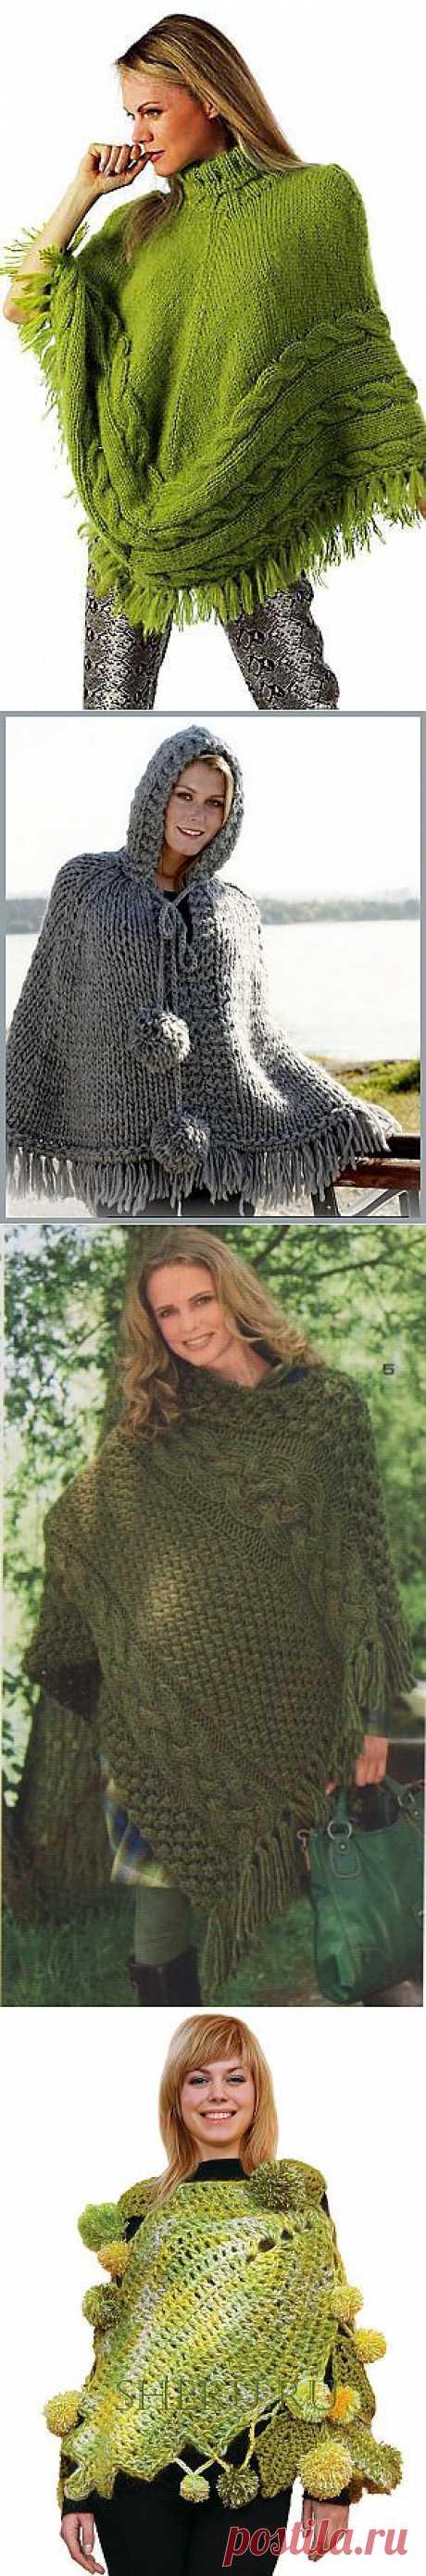 Схема вязанья пончо » Городская женщина